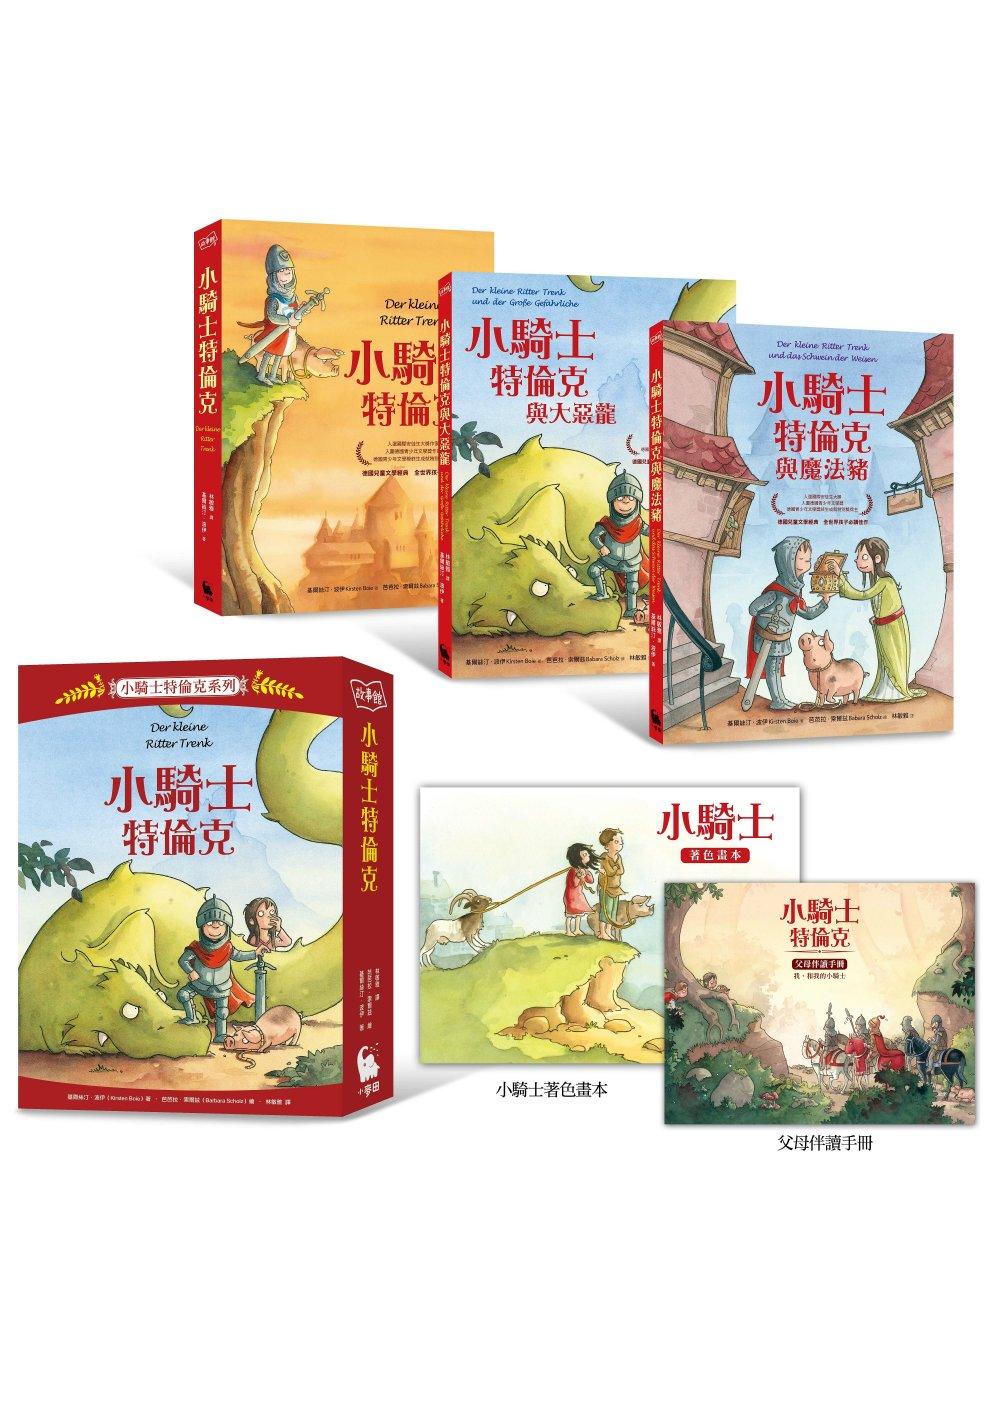 小騎士特倫克(1-3集精緻套書)